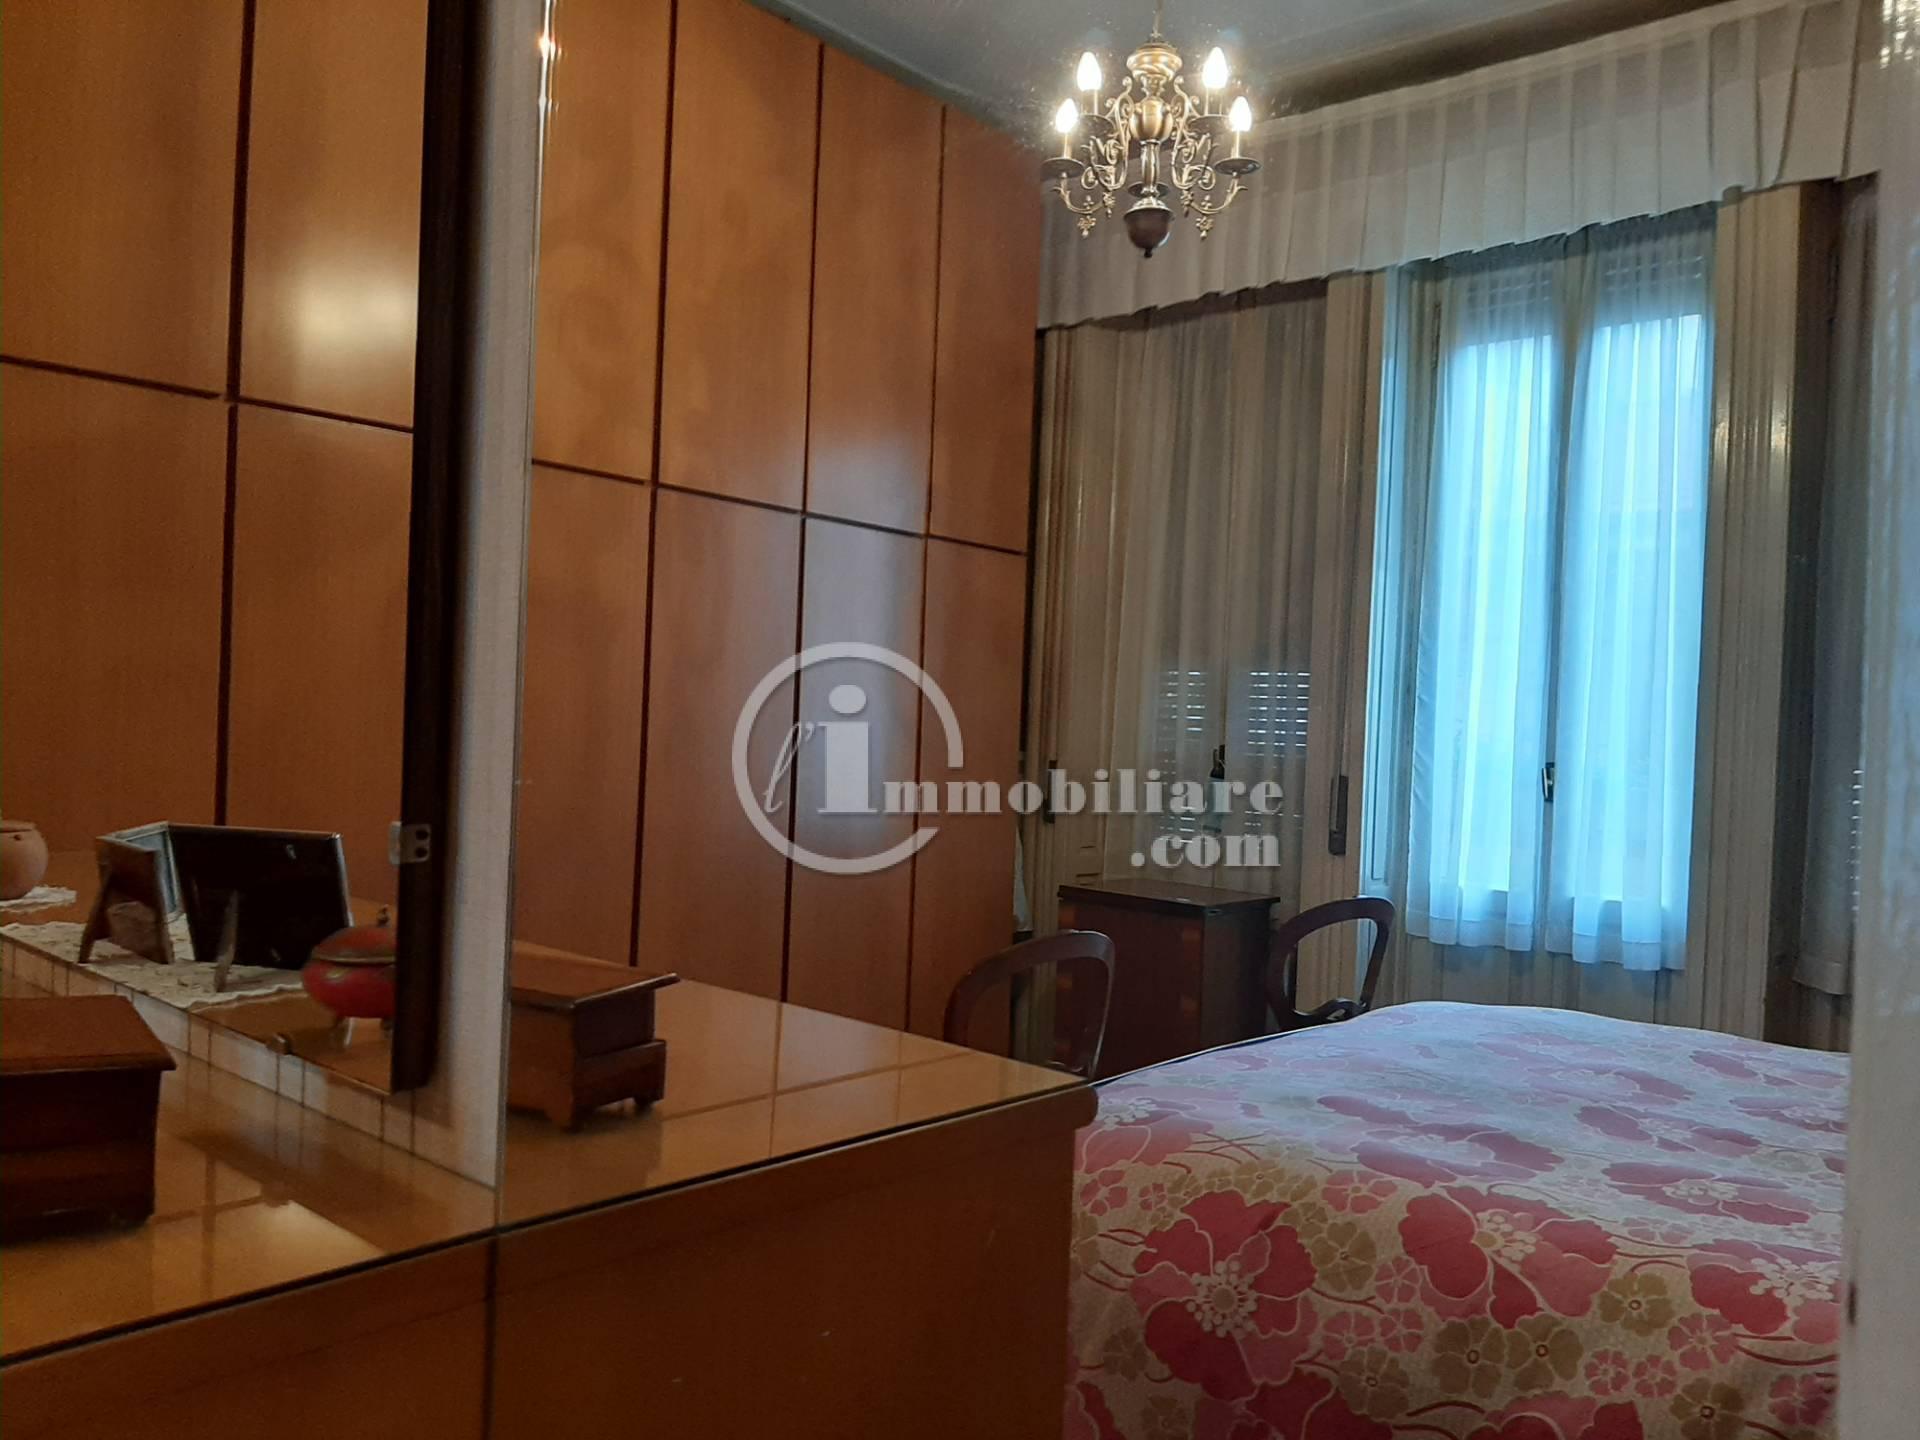 Appartamento in Vendita a Milano: 3 locali, 110 mq - Foto 18